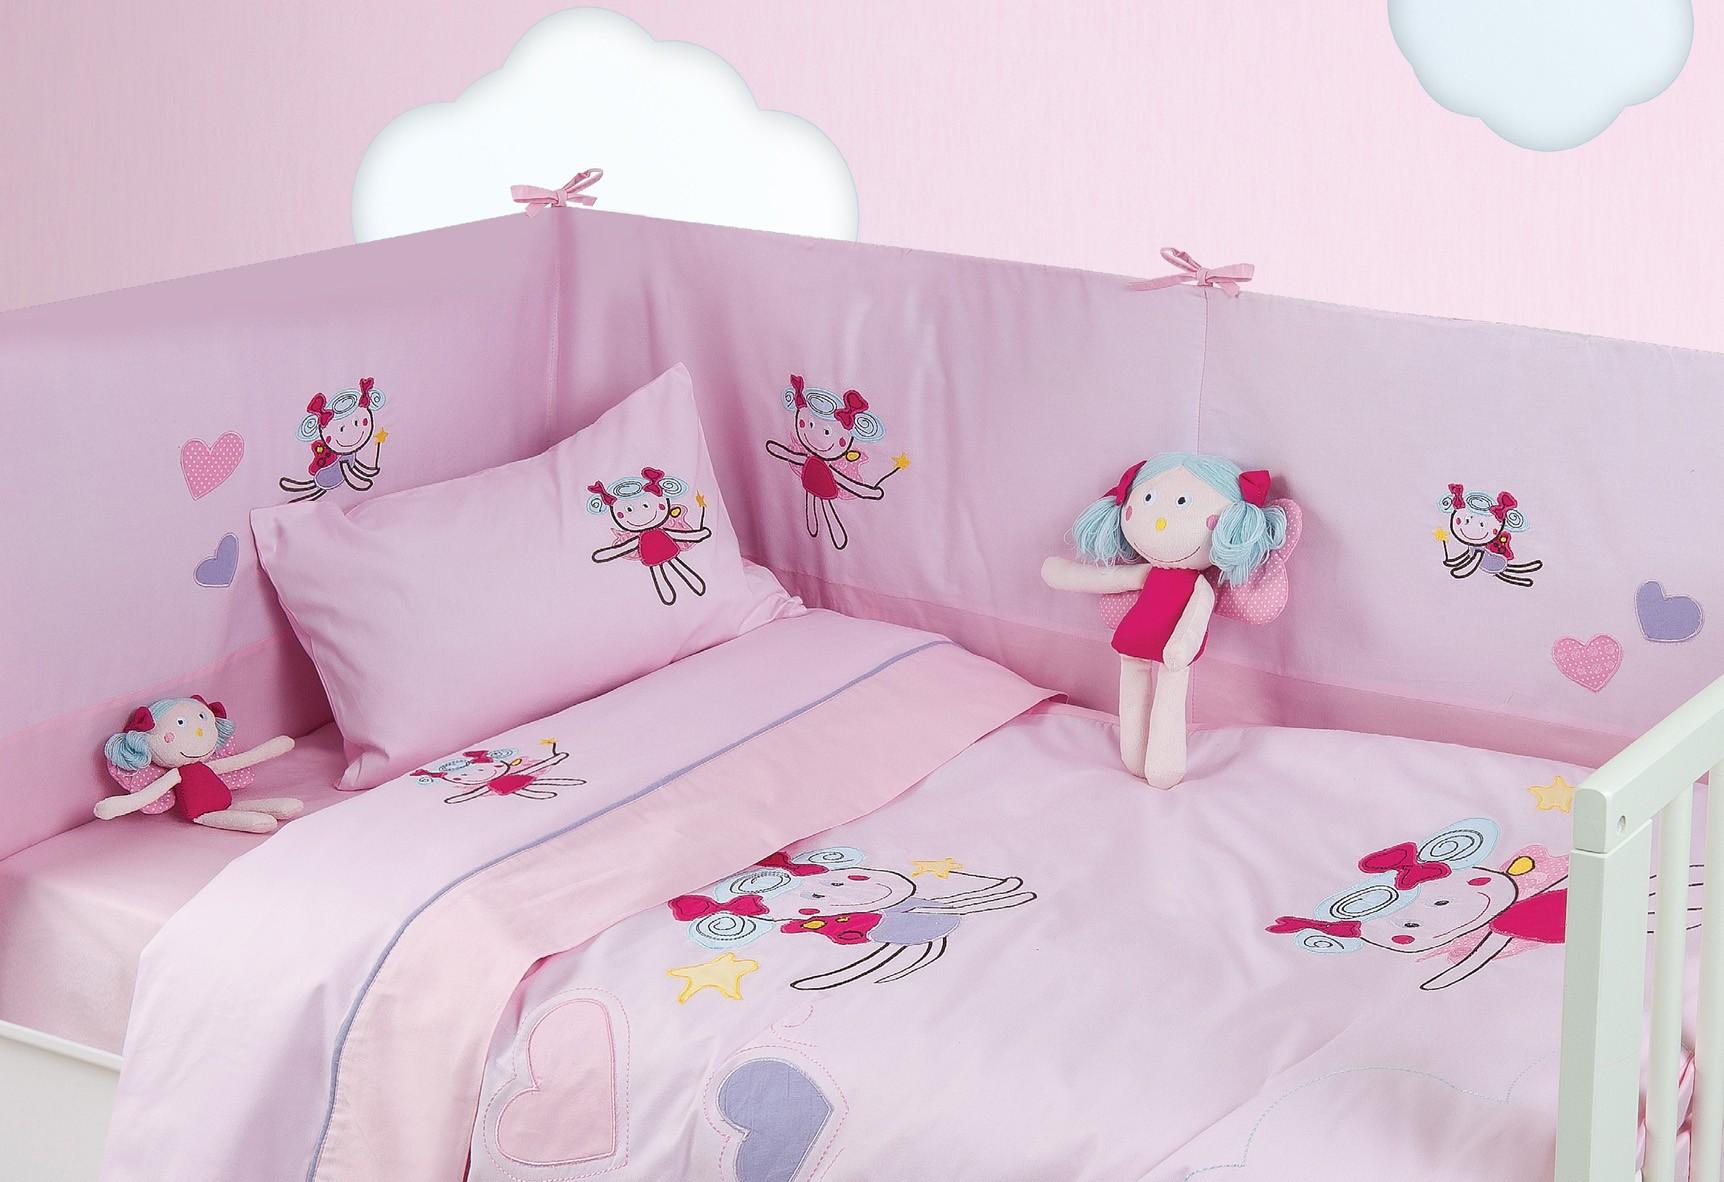 Κουβερλί Κούνιας (Σετ) Das Home Dream Embroidery 6281